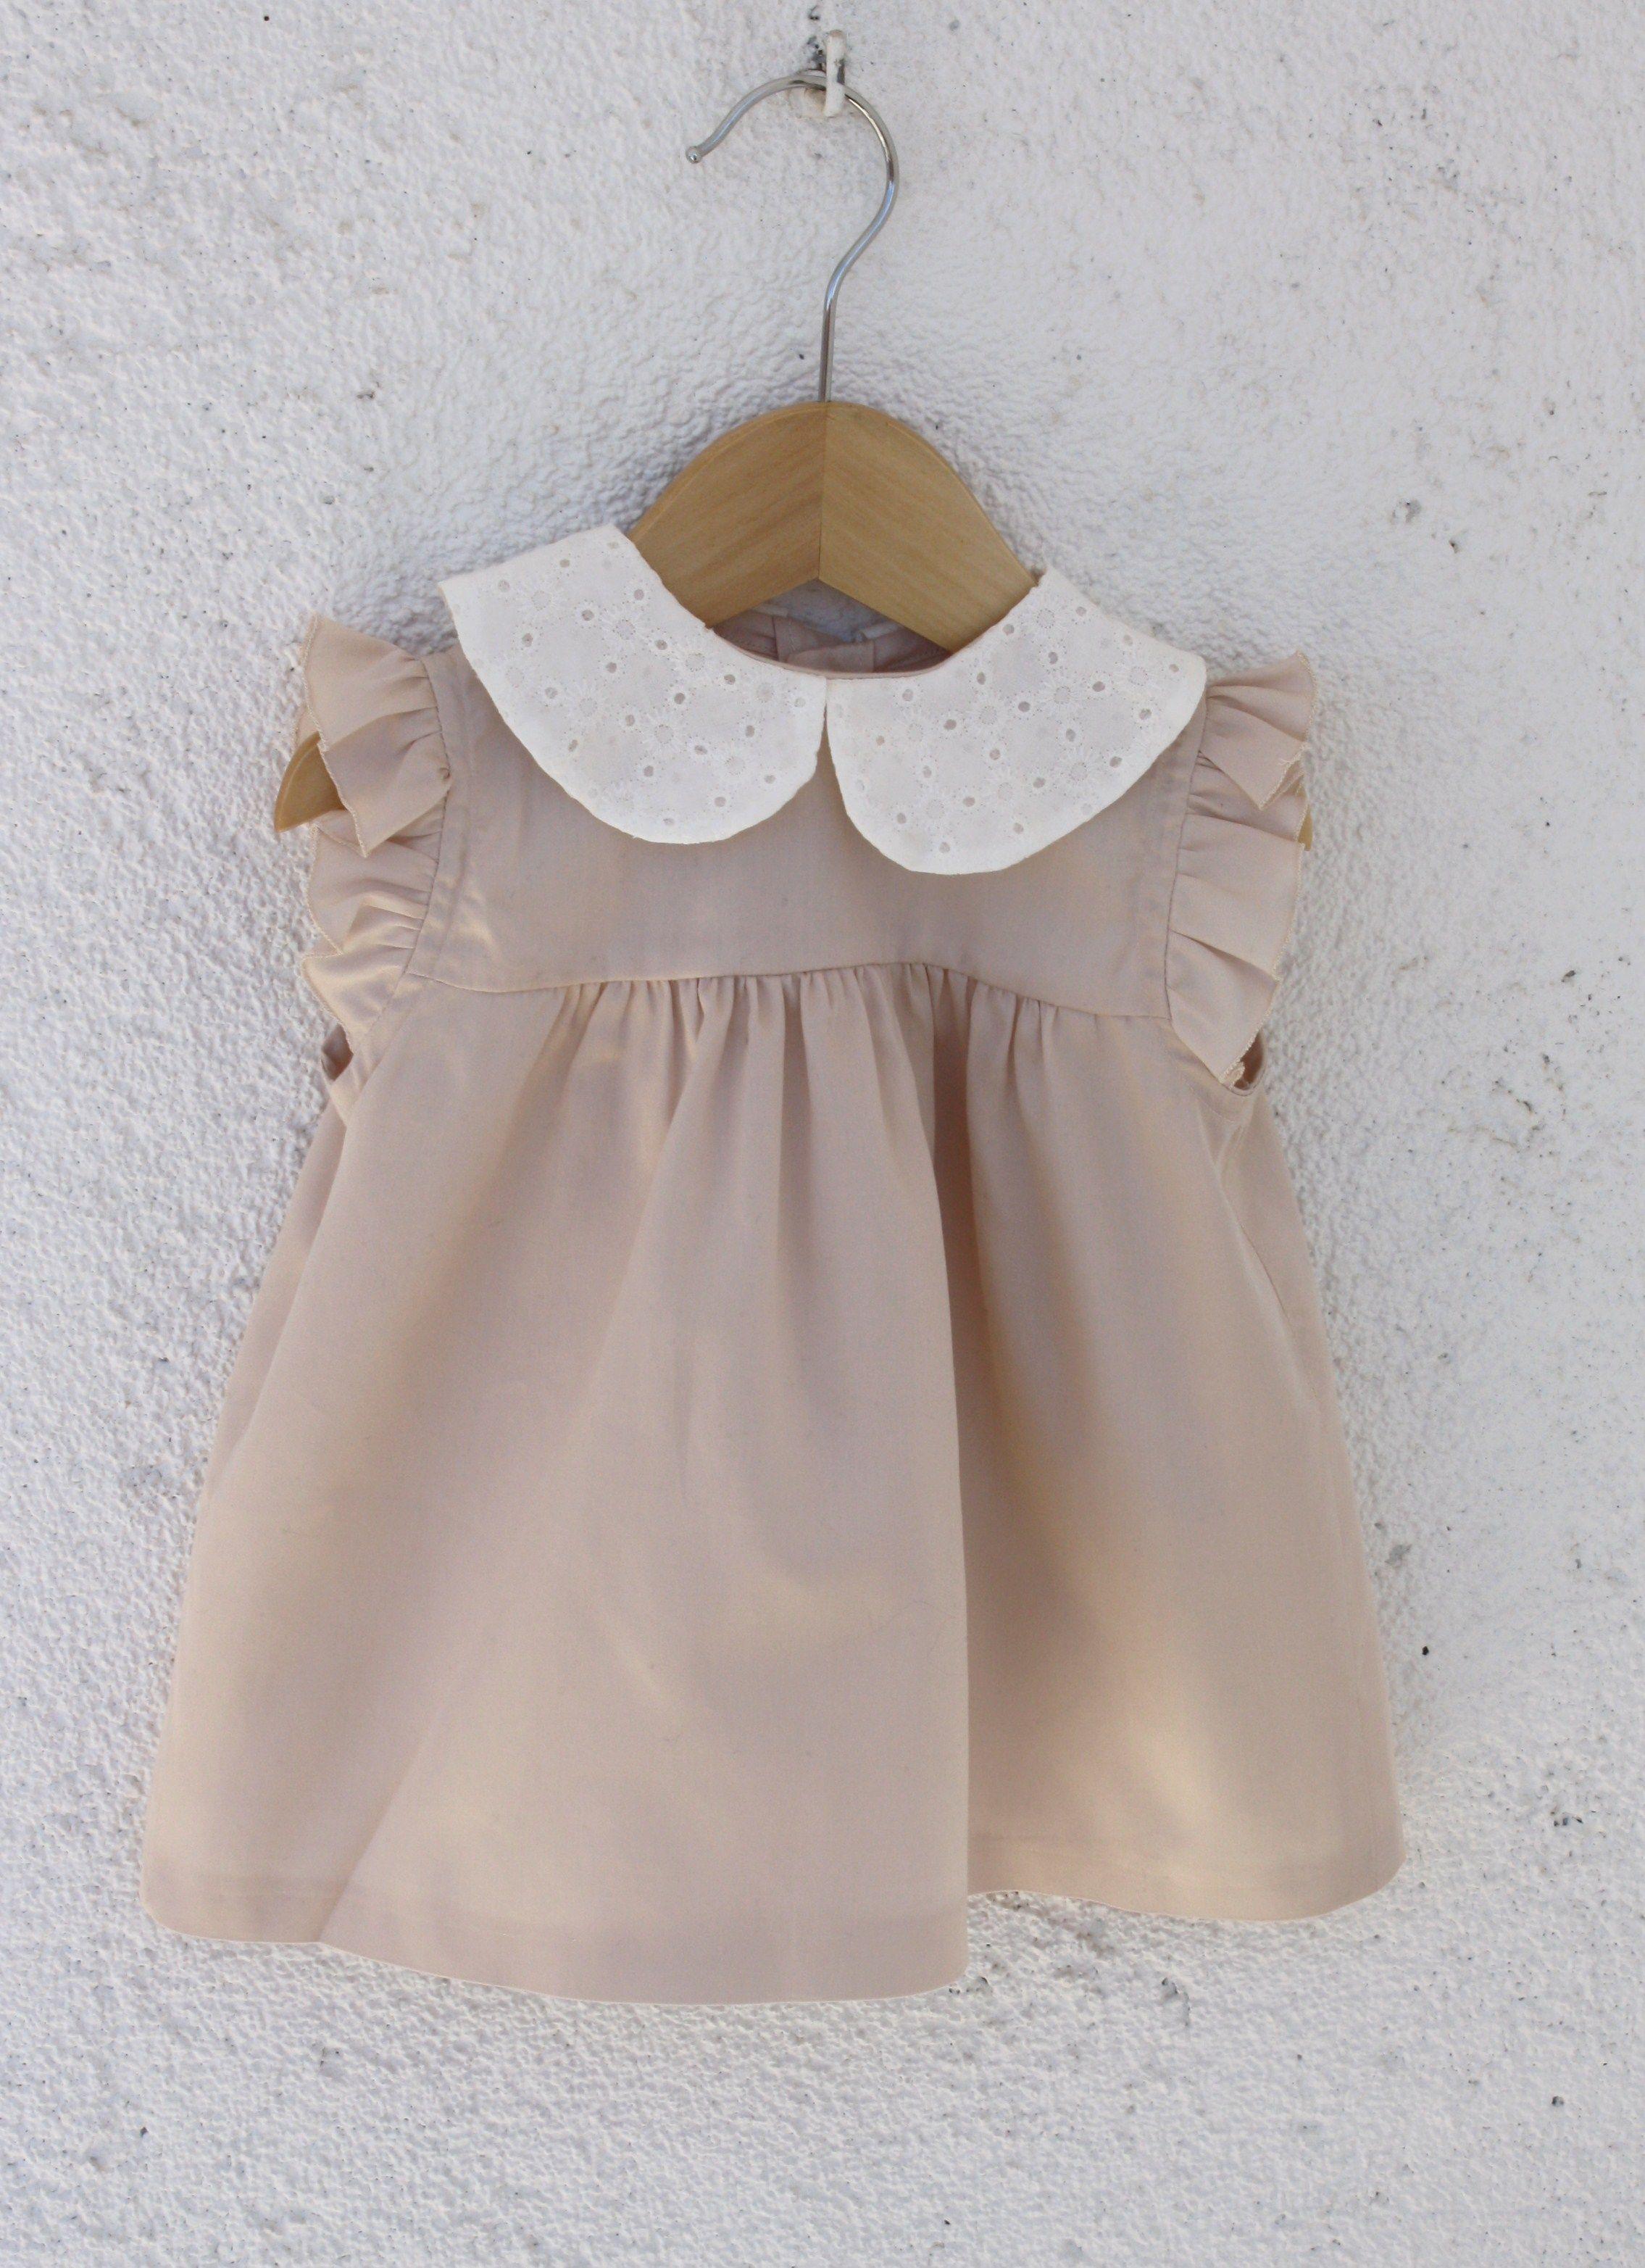 Vestido Bebe Menina Retro Vintage Vintage Baby Clothes